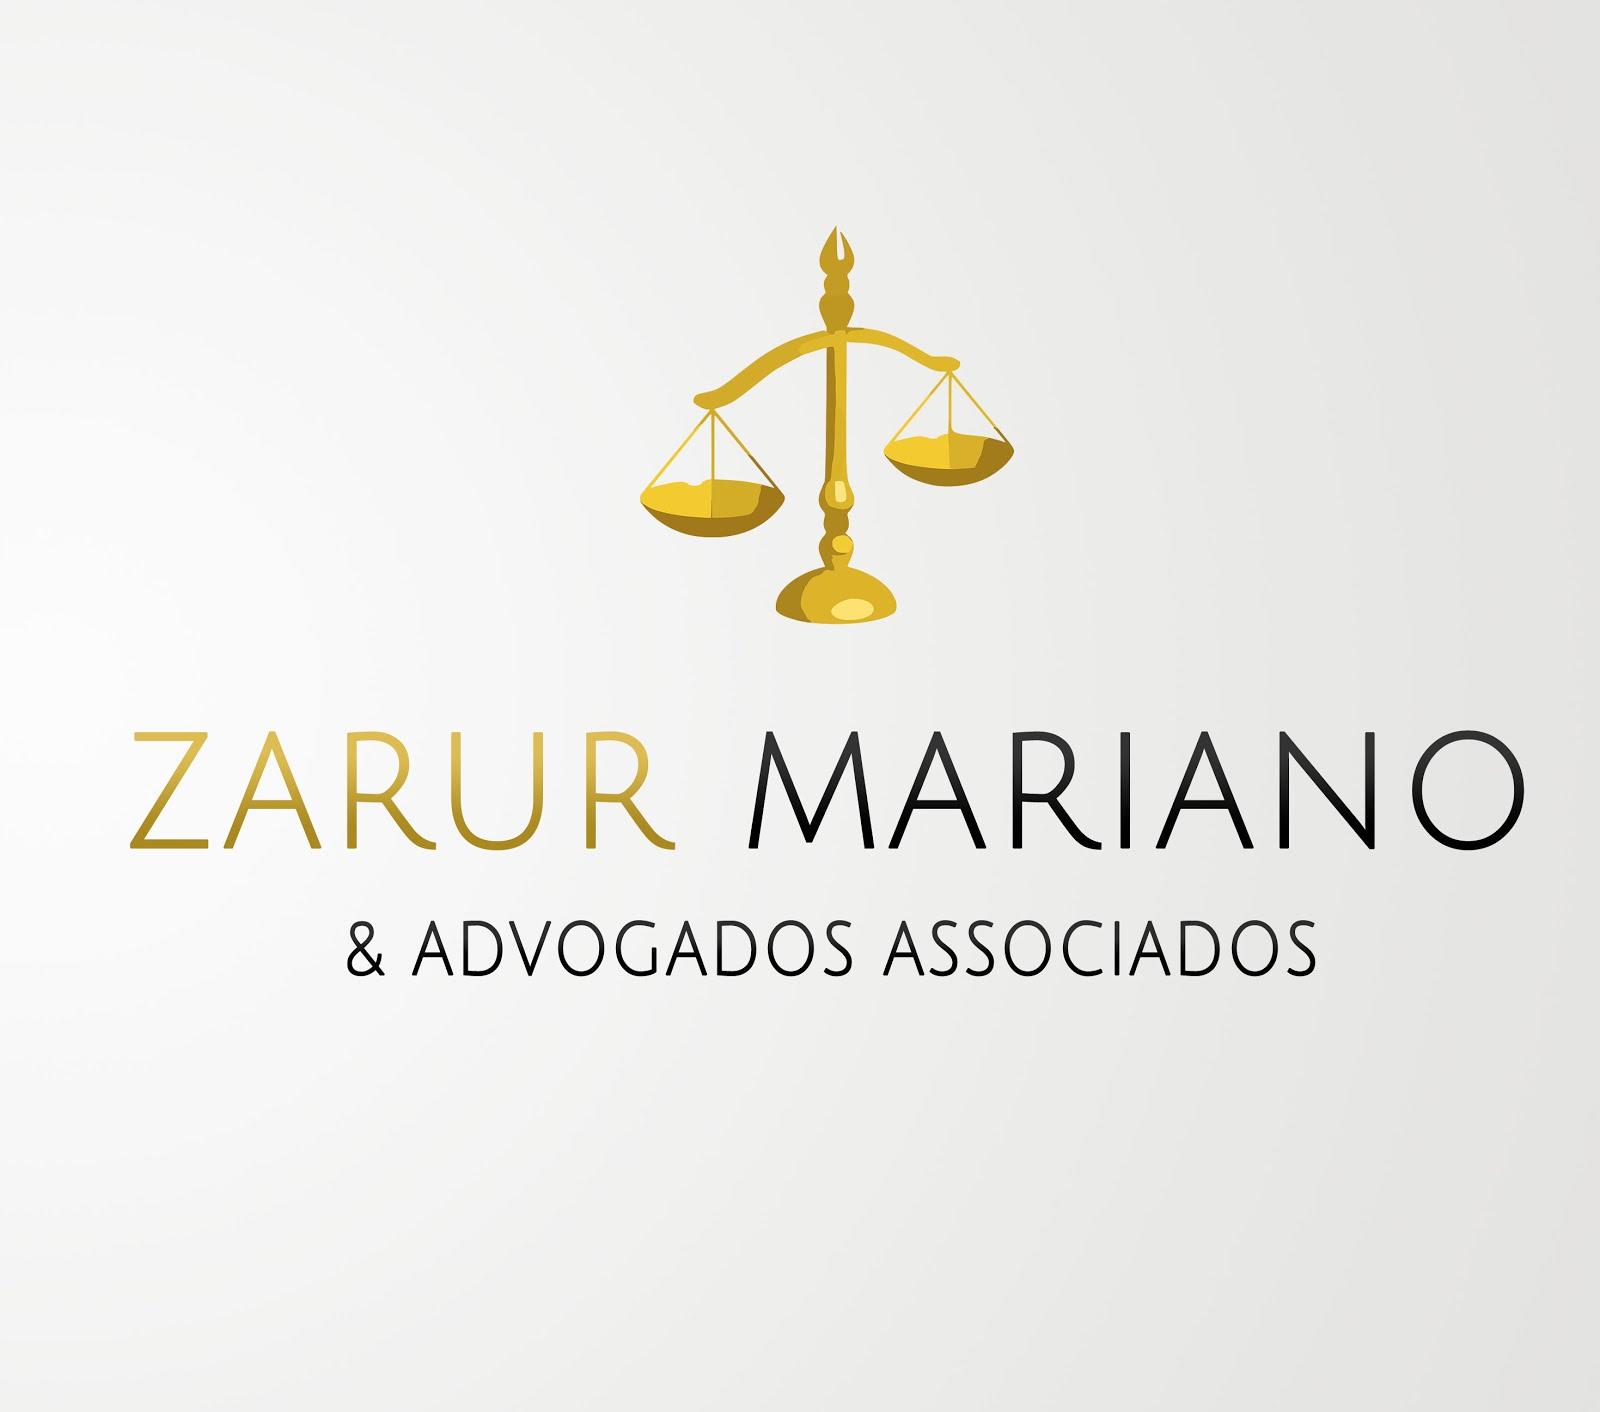 Zarur Mariano e Advogados Associados